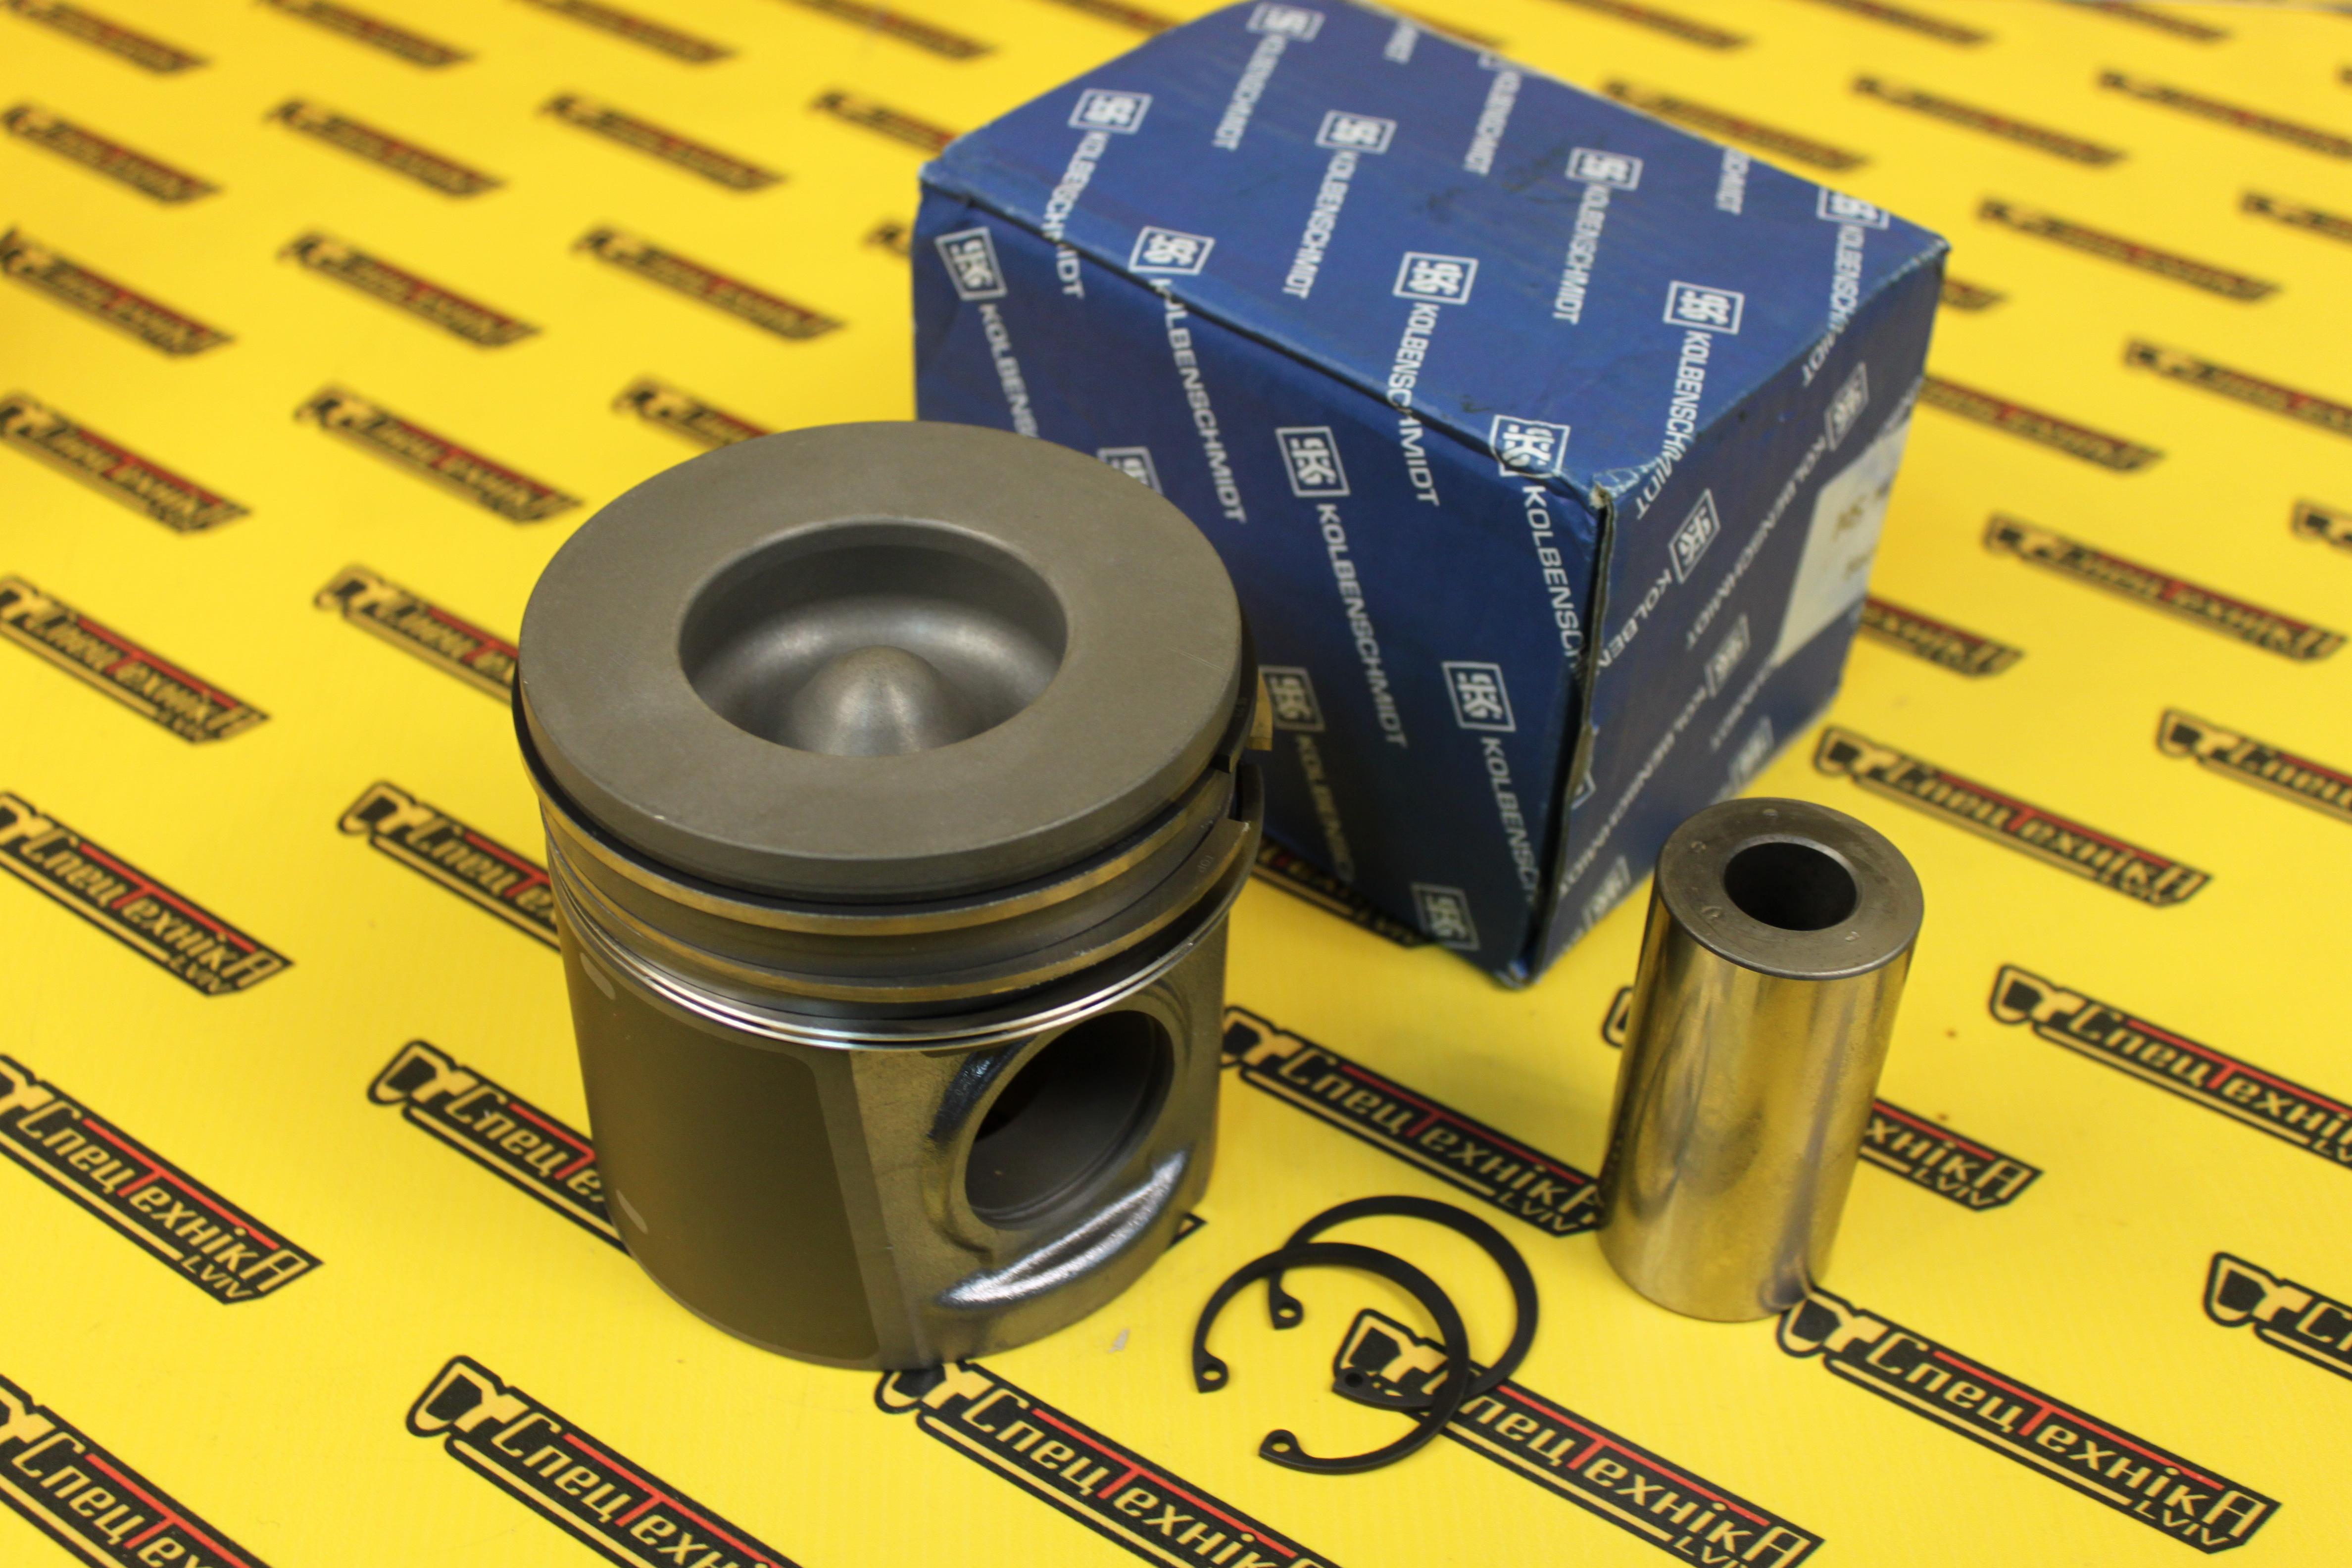 Поршень Perkins 105 мм - STD (al-fin) (4115P015)